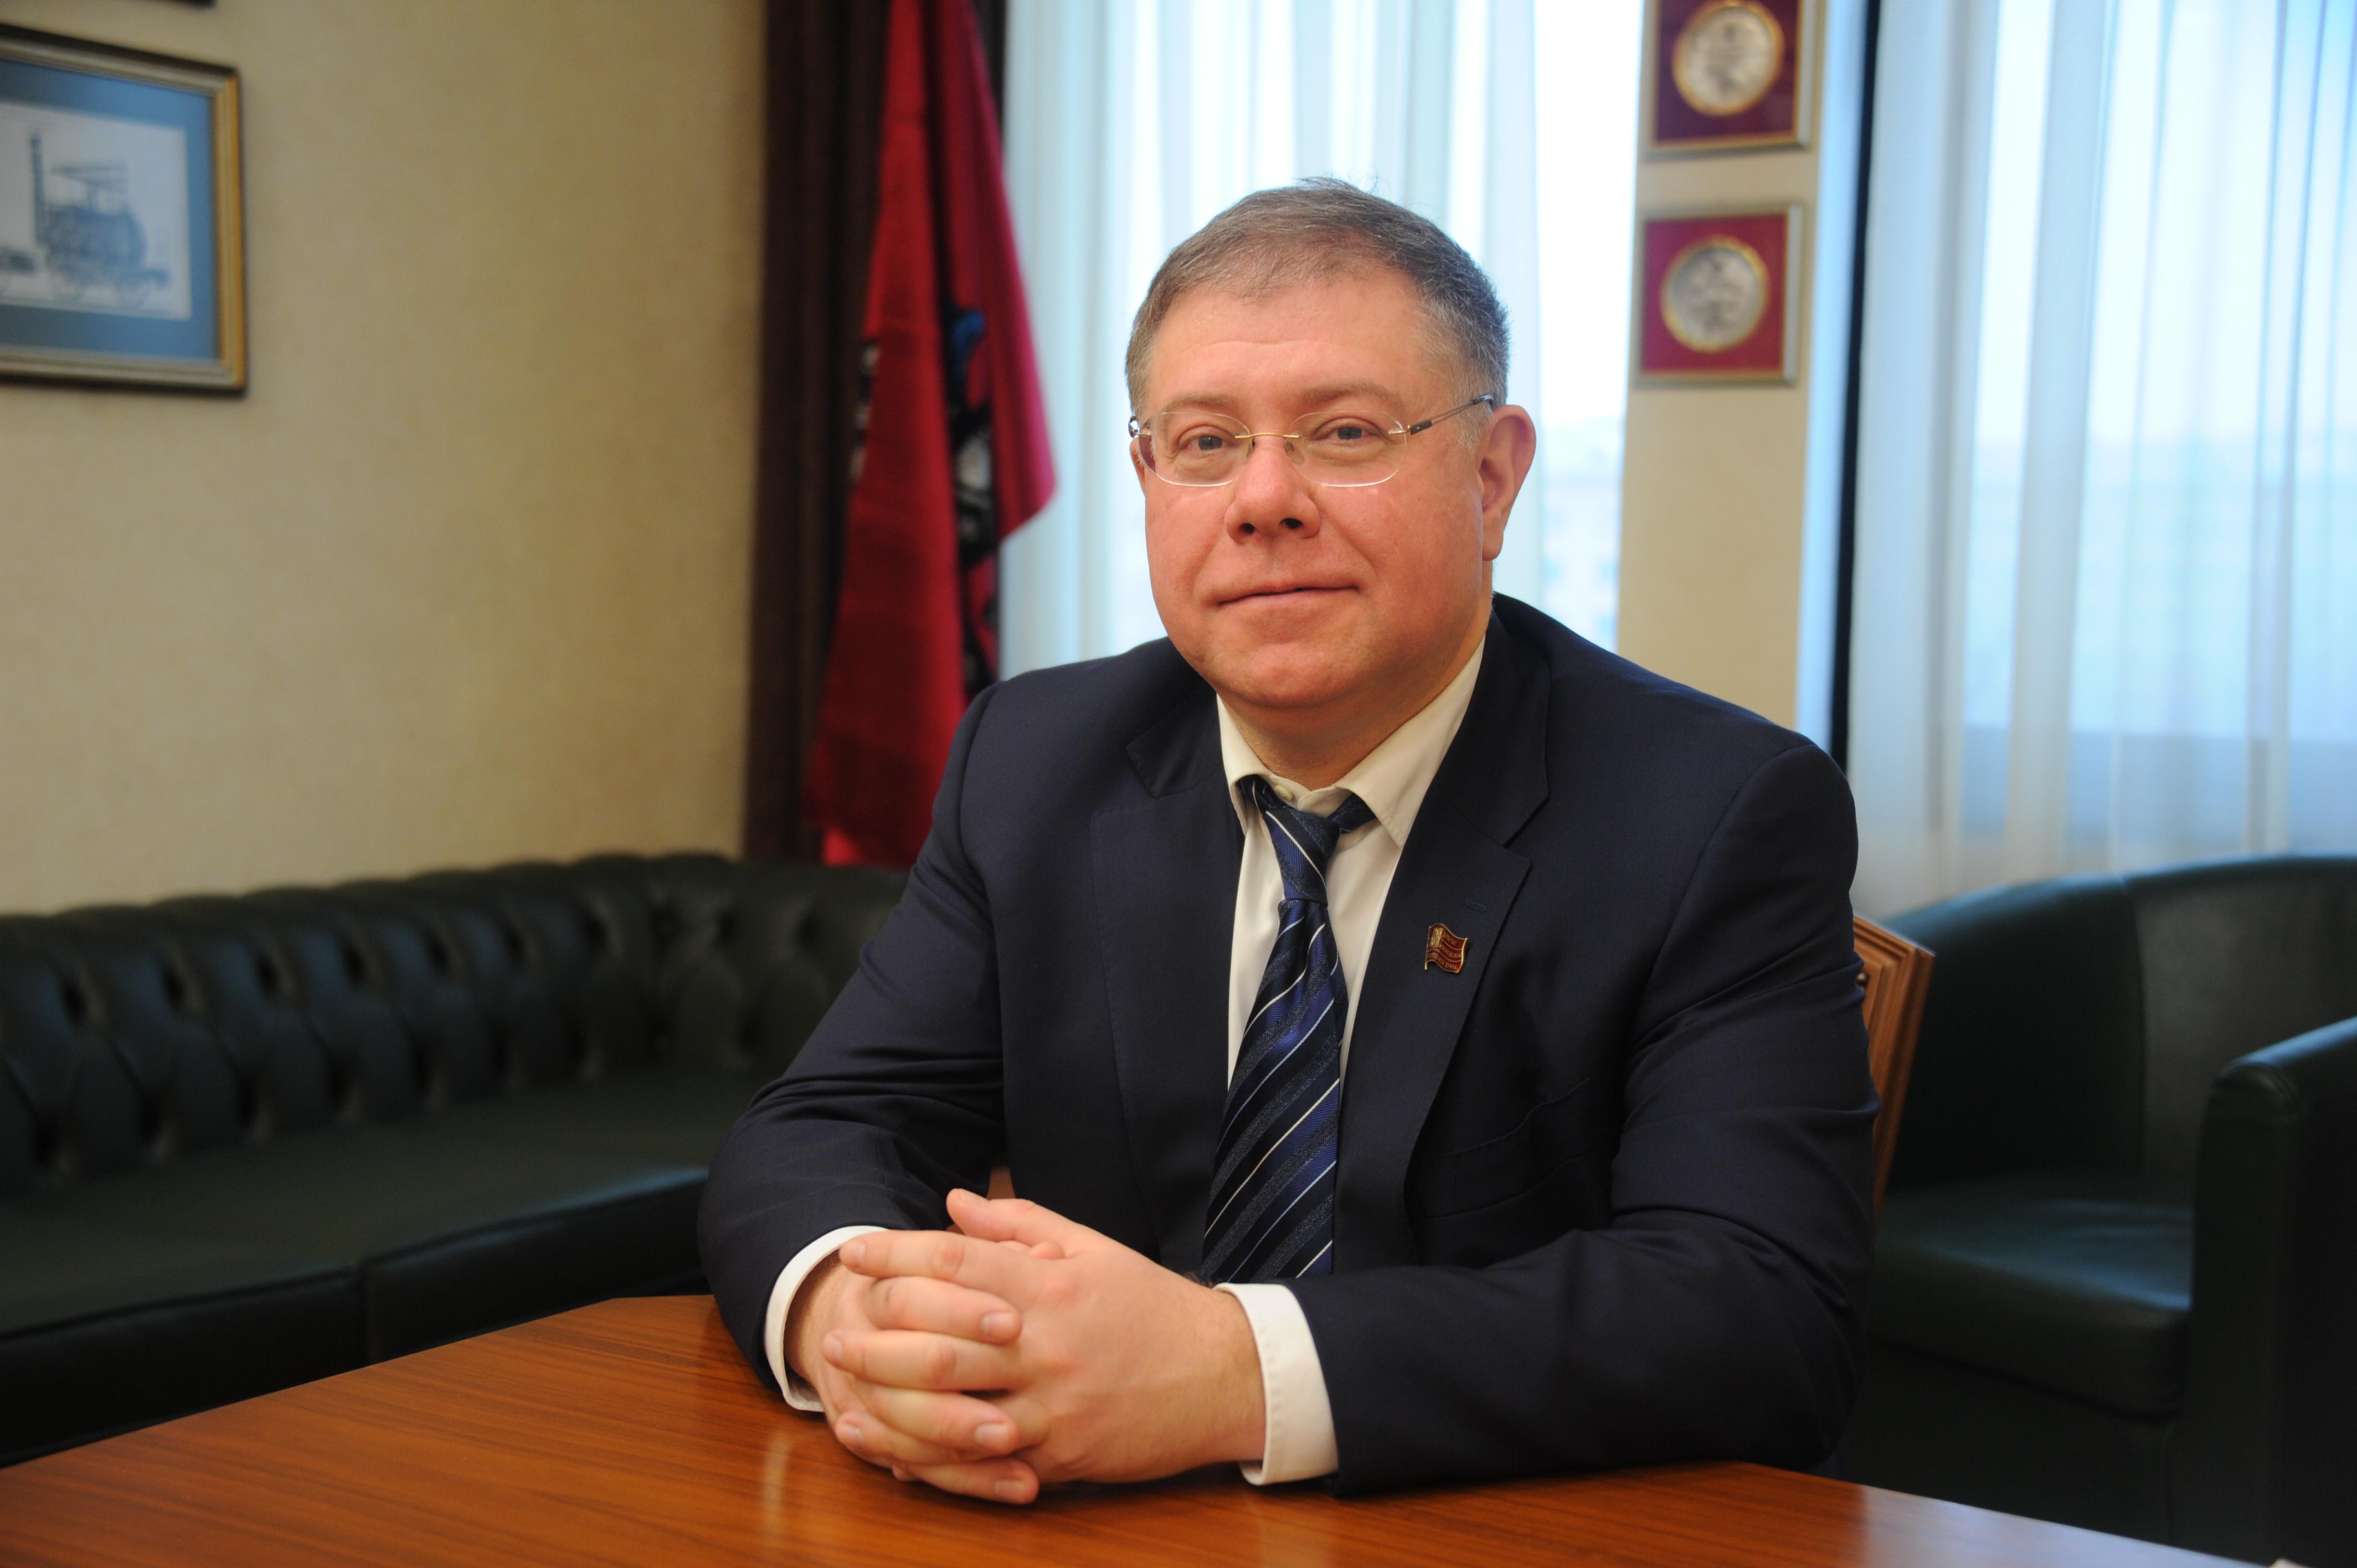 — Целый ряд управленческих решений и законодательных инициатив, которые были реализованы в городе за последние годы, принесли очень хорошие результаты. Так, по данным за 2020 год, продукция, произведенная в Москве, поставлялась в 183 страны мира.